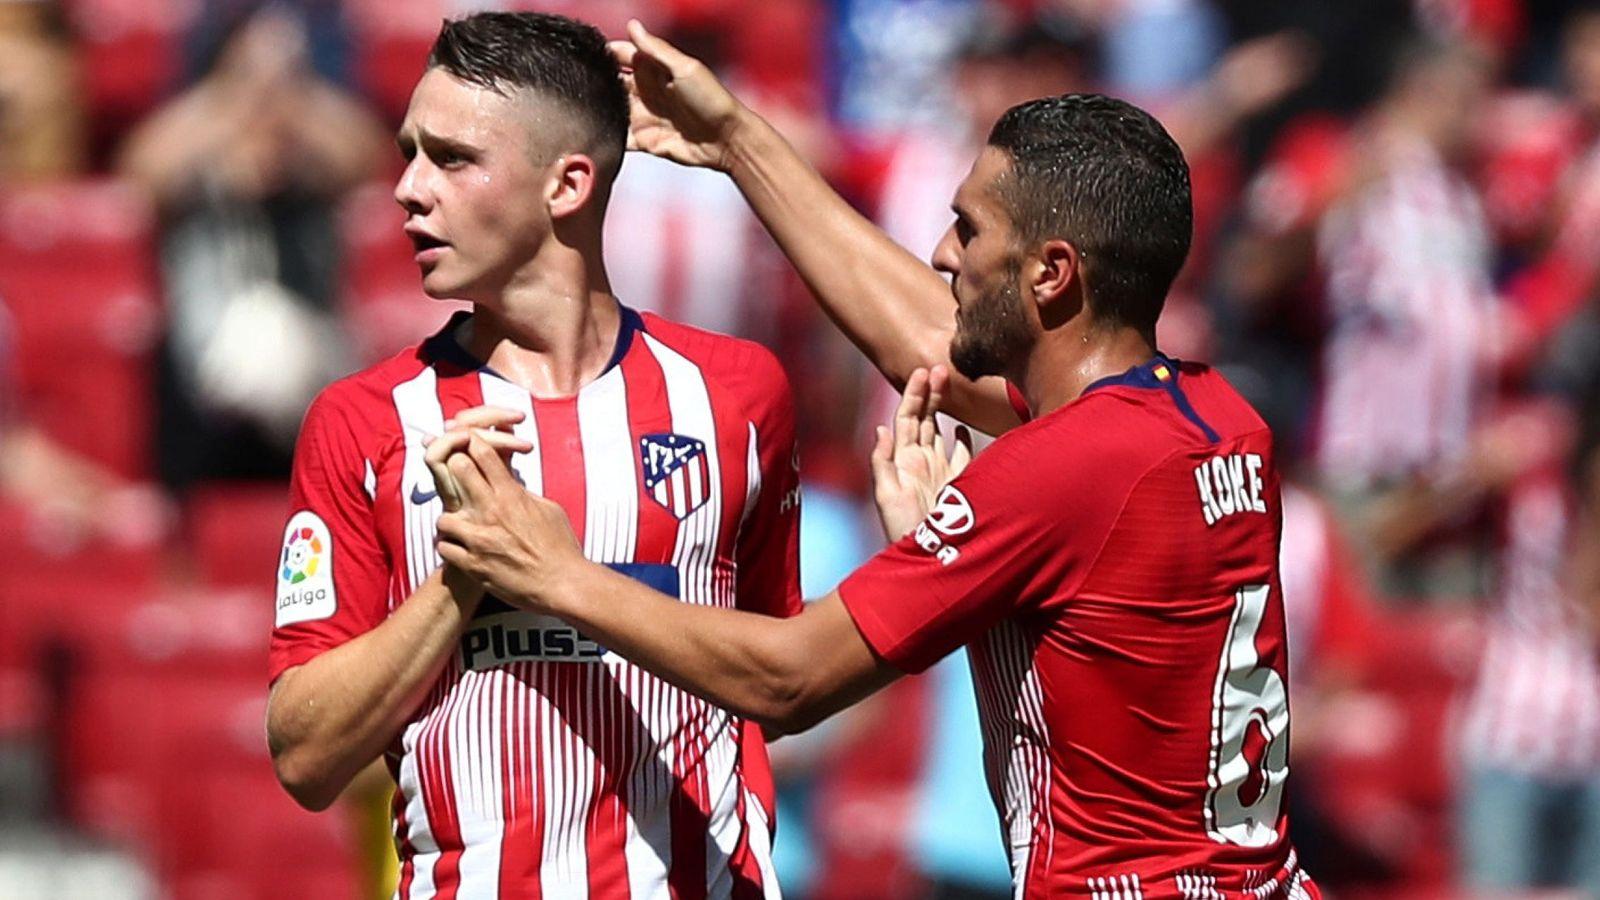 Foto: Koke felicita al joven Borja Garcés por el gol del empate al Eibar en el Metropolitano. (Efe)